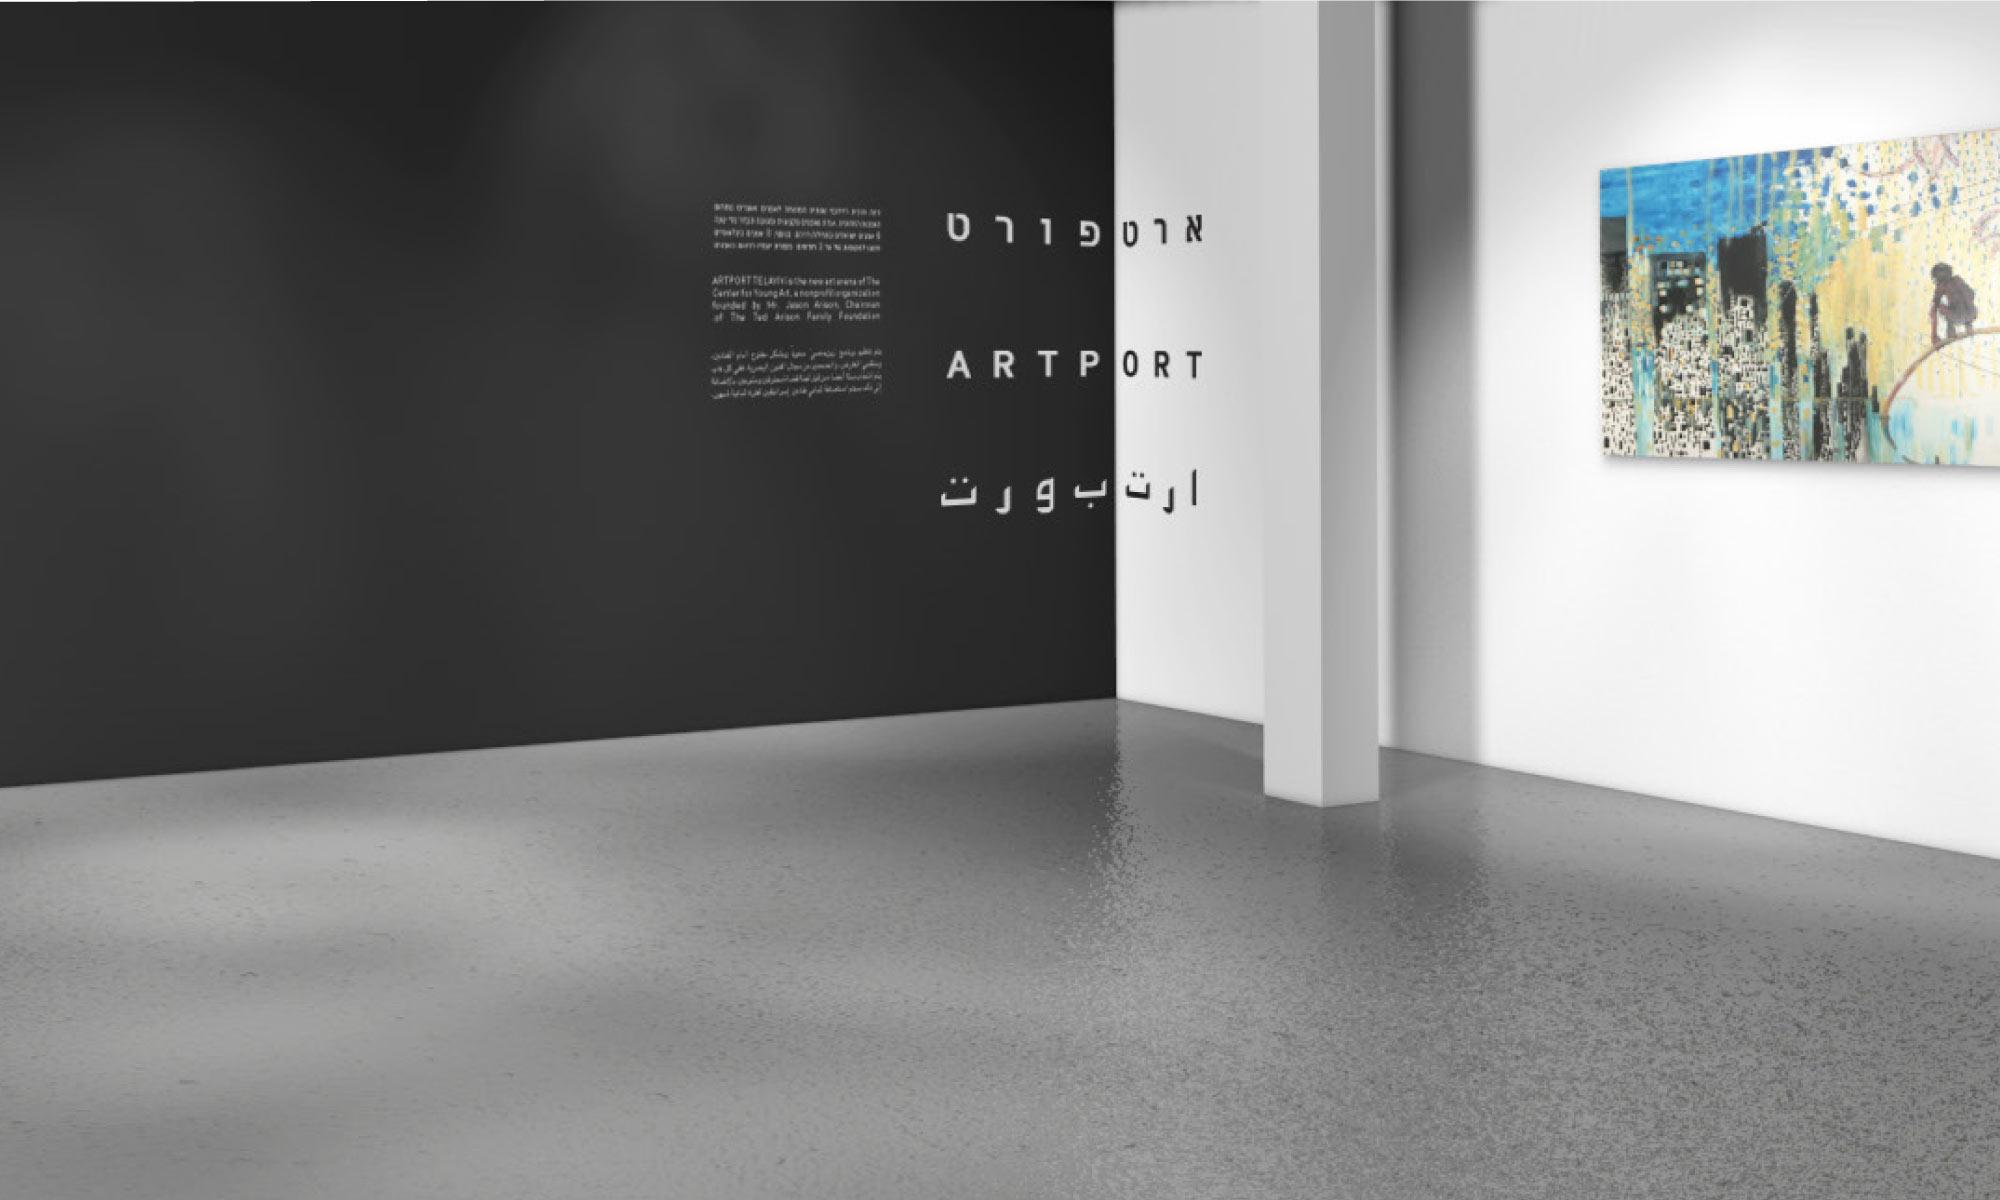 Val Toch - Artport 09